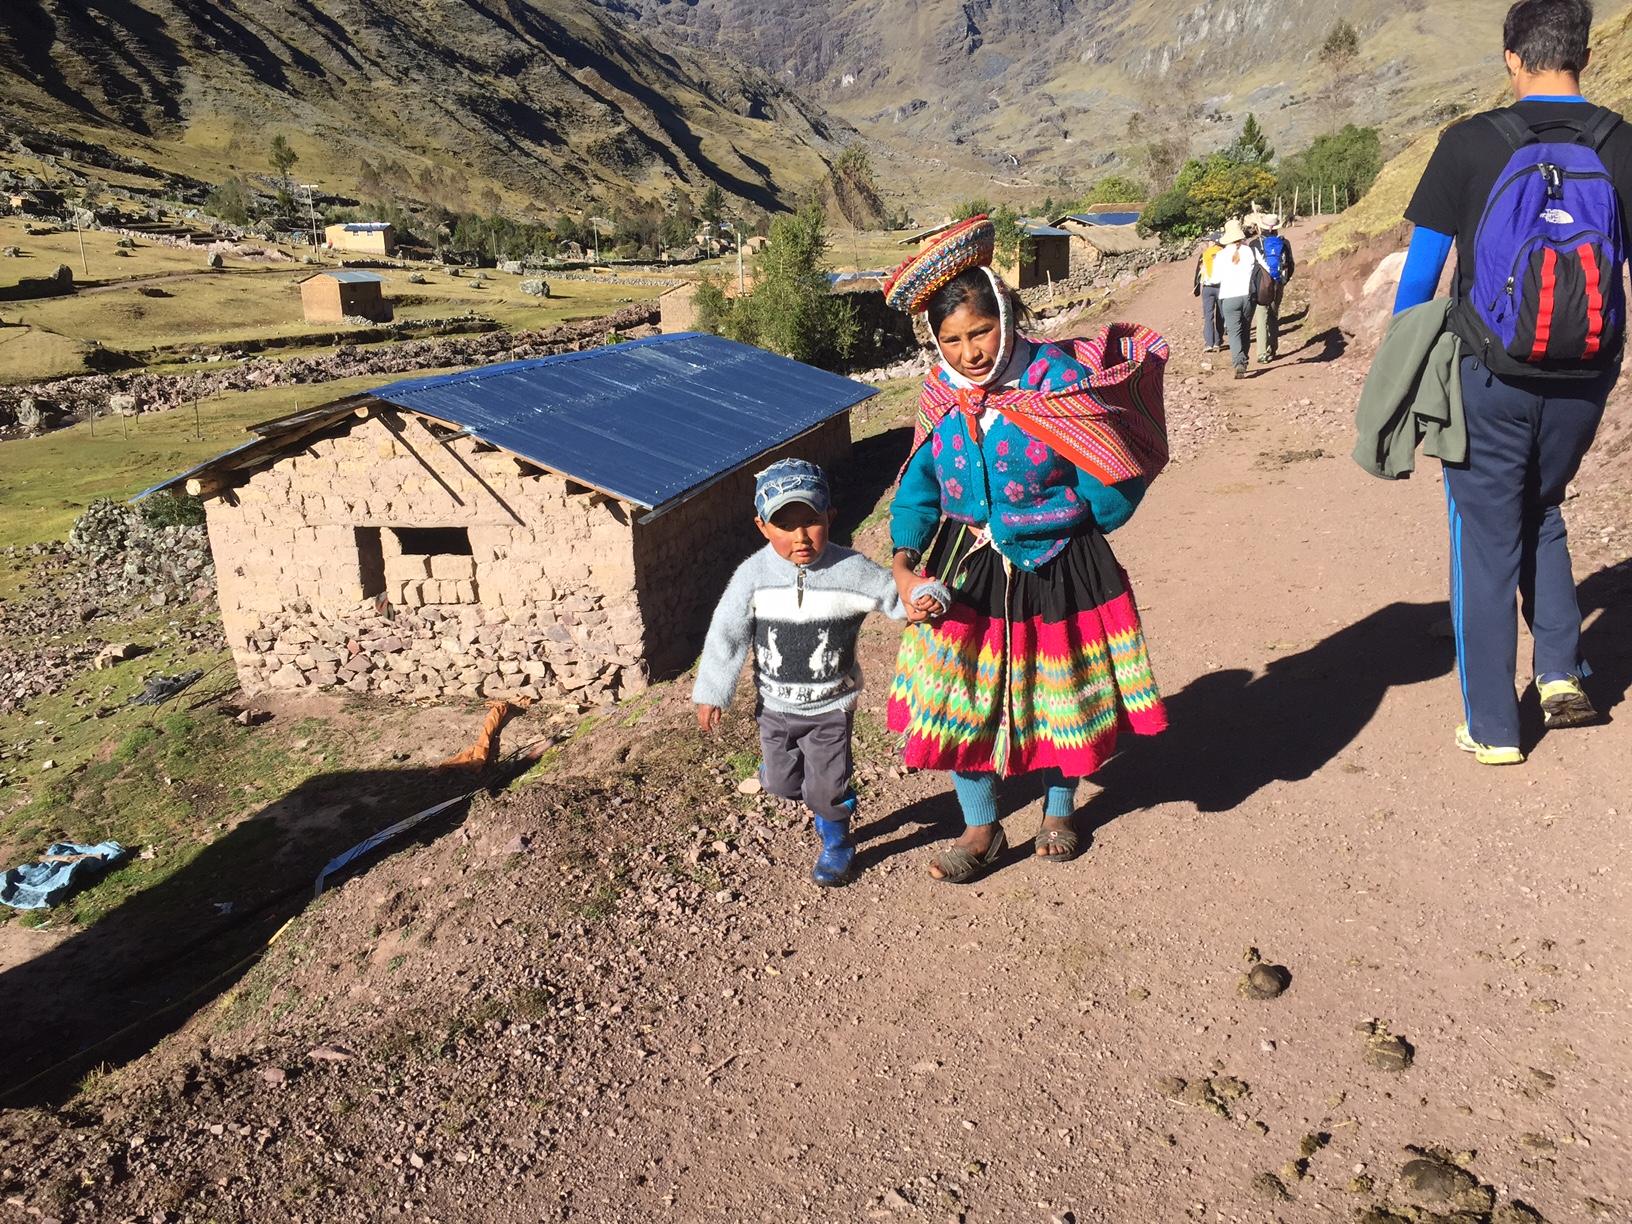 Comunidade de Huacahuasi